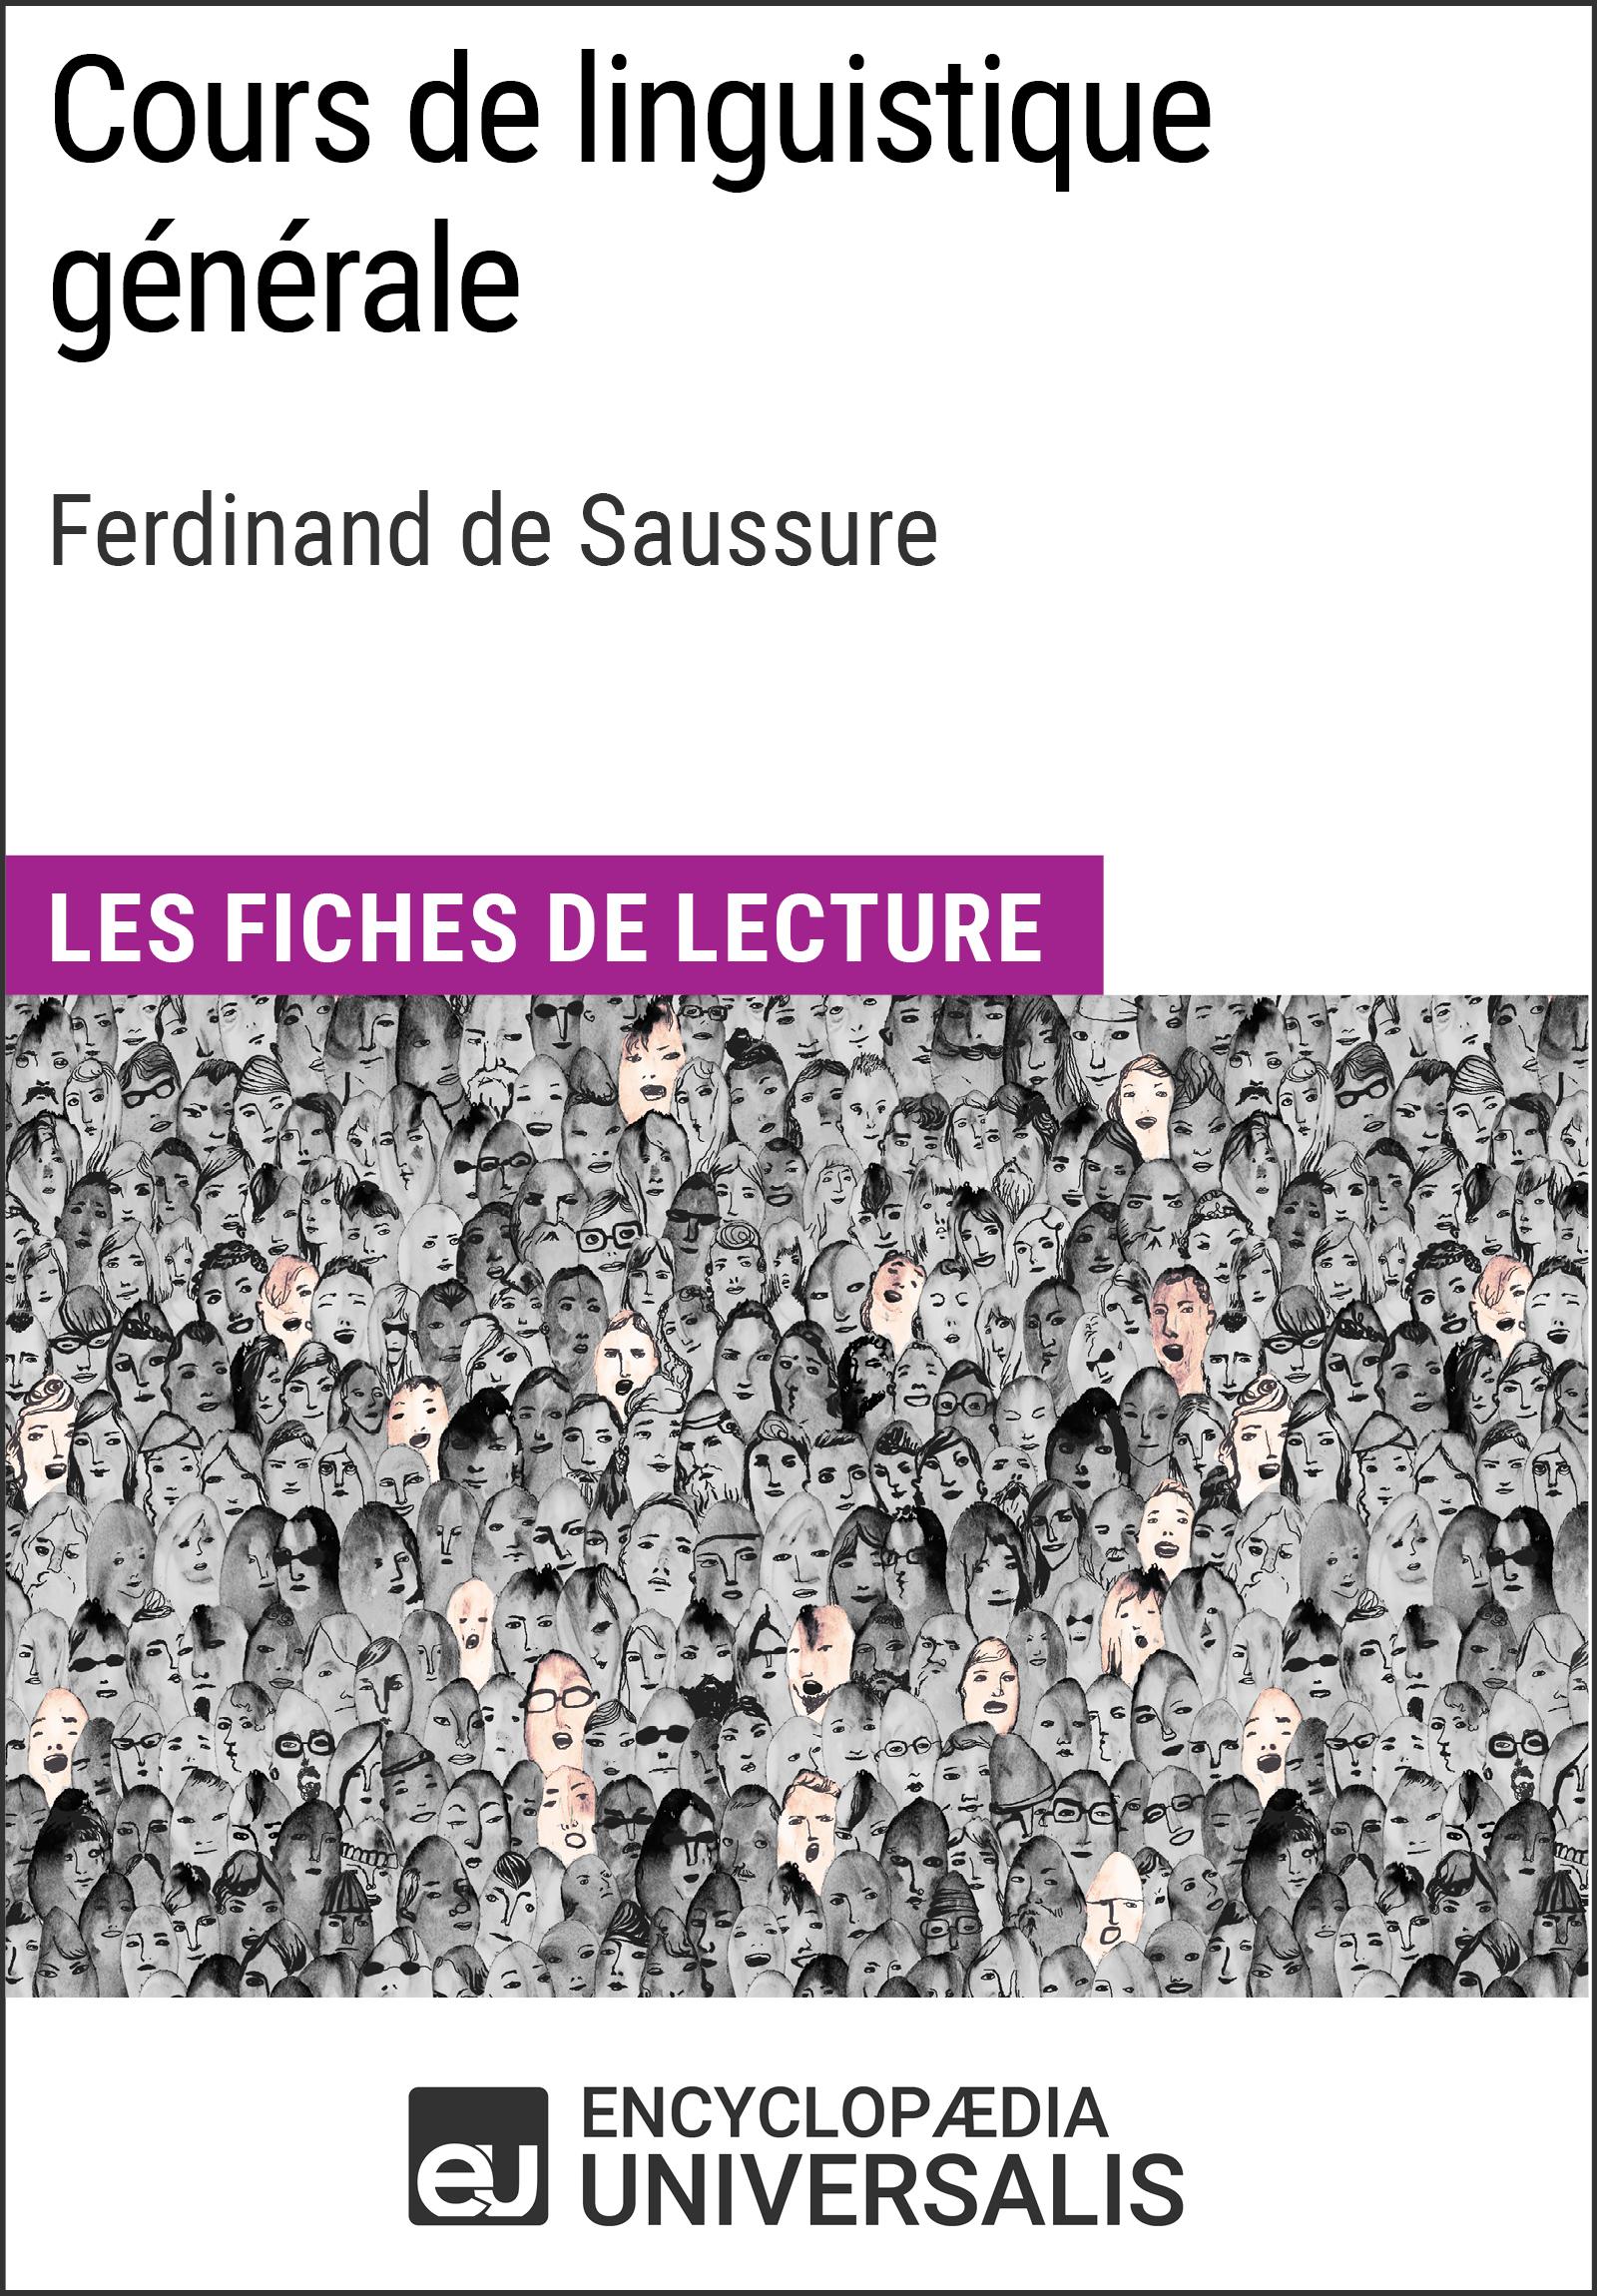 Cours de linguistique générale de Ferdinand de Saussure